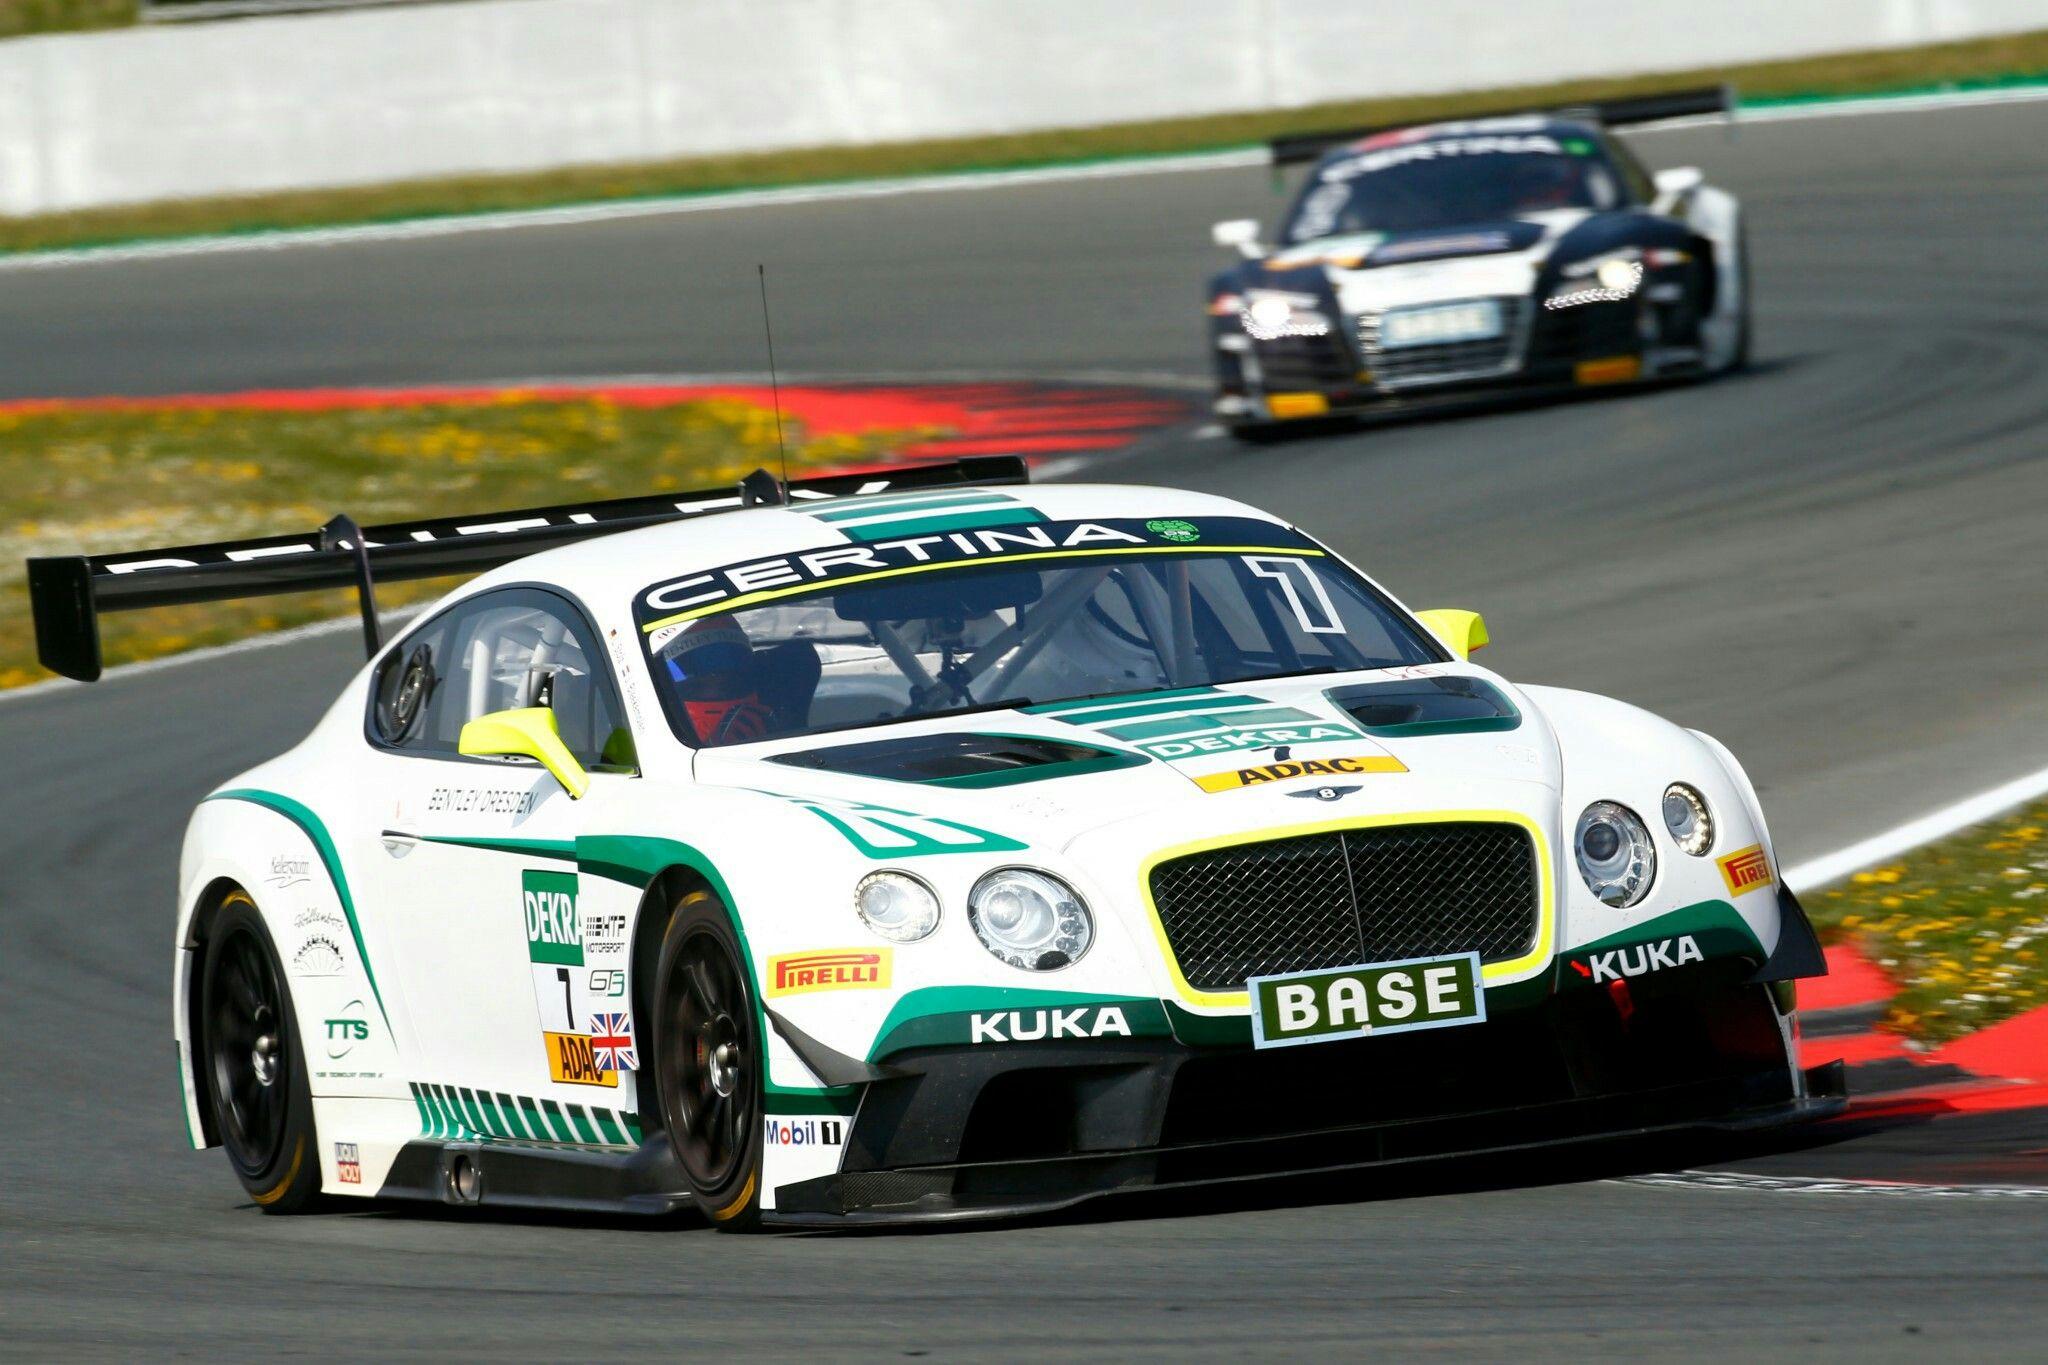 Adac Presseportal Adac Gt Masters Oschersleben Jeroen Bleekemolen Luca Stolz Bentley Team Htp Sports Car Super Cars Motorsport